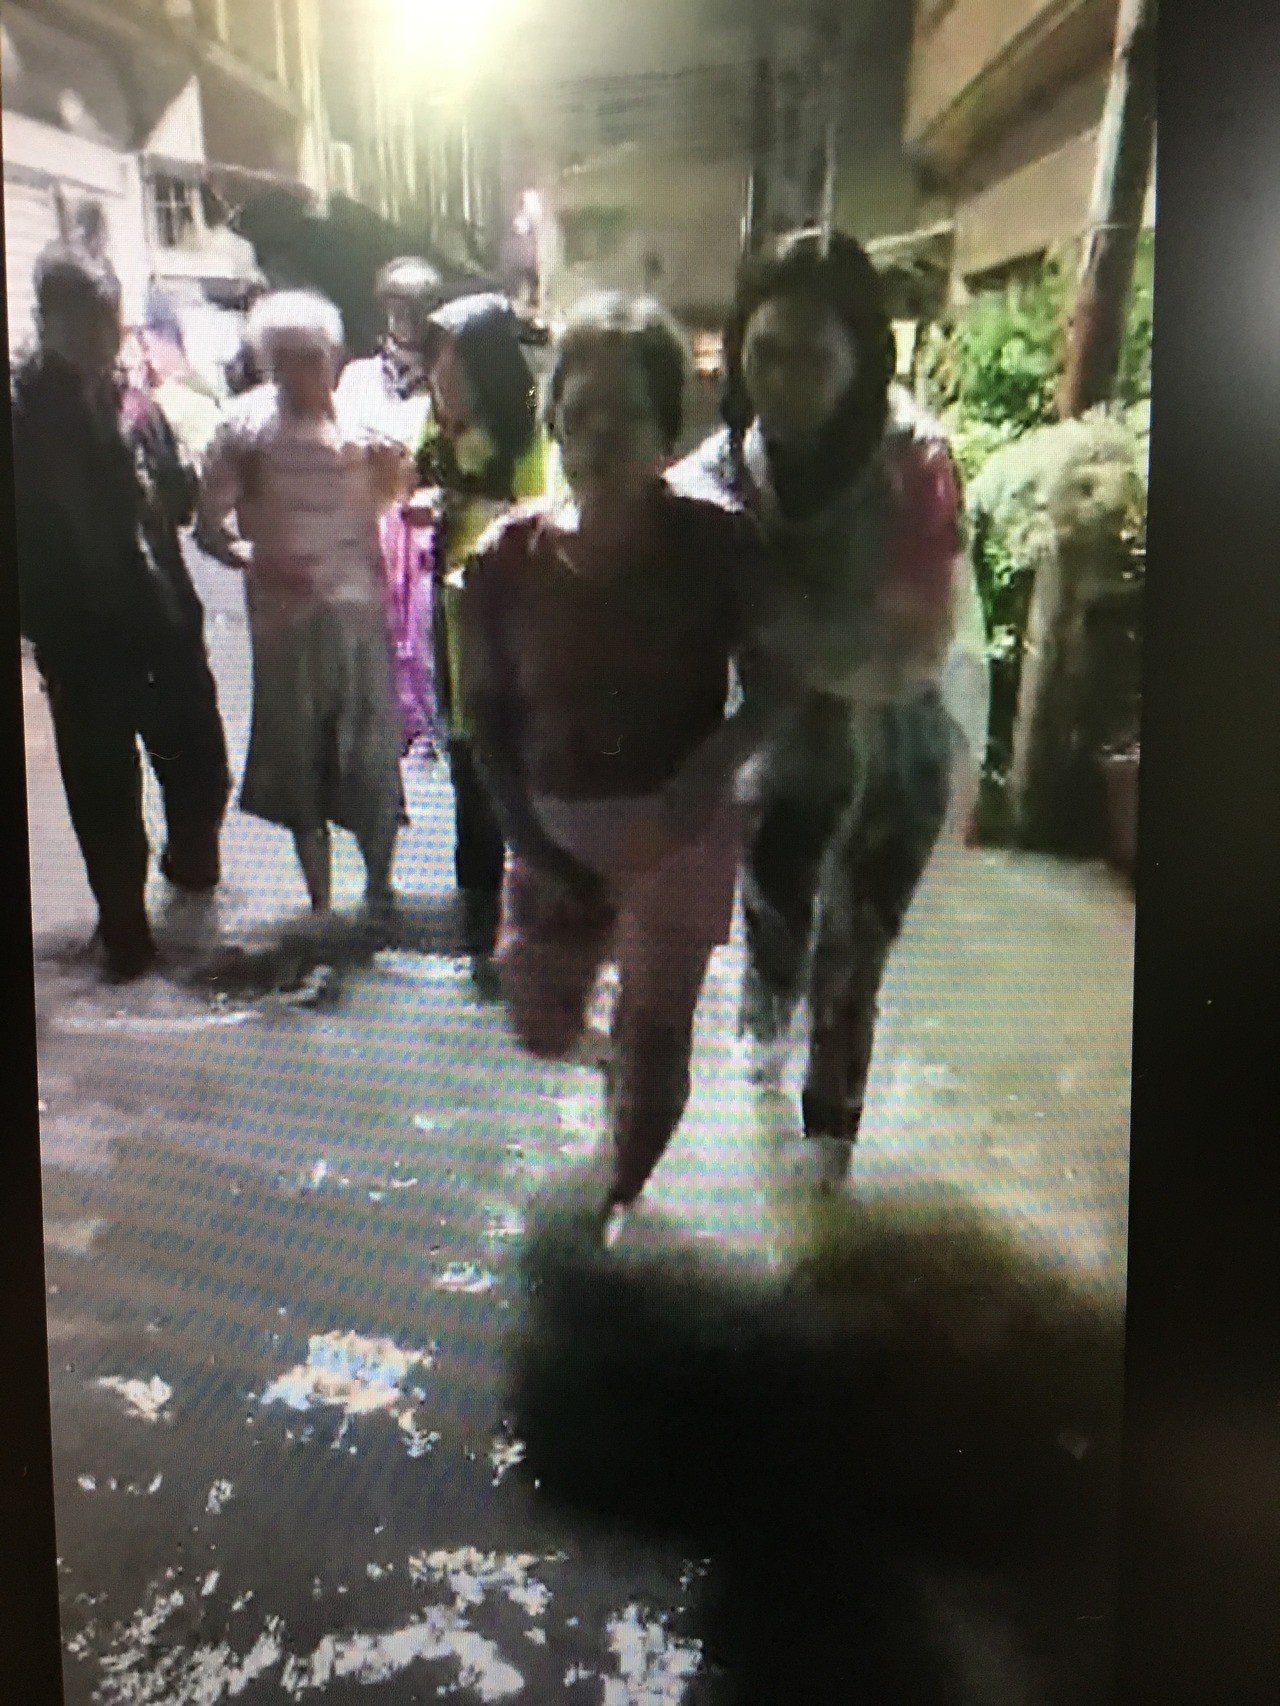 台南市永康區中華路154巷下午因急驟雨又淹水,居民倉皇撤離。圖/取自林燕祝臉書